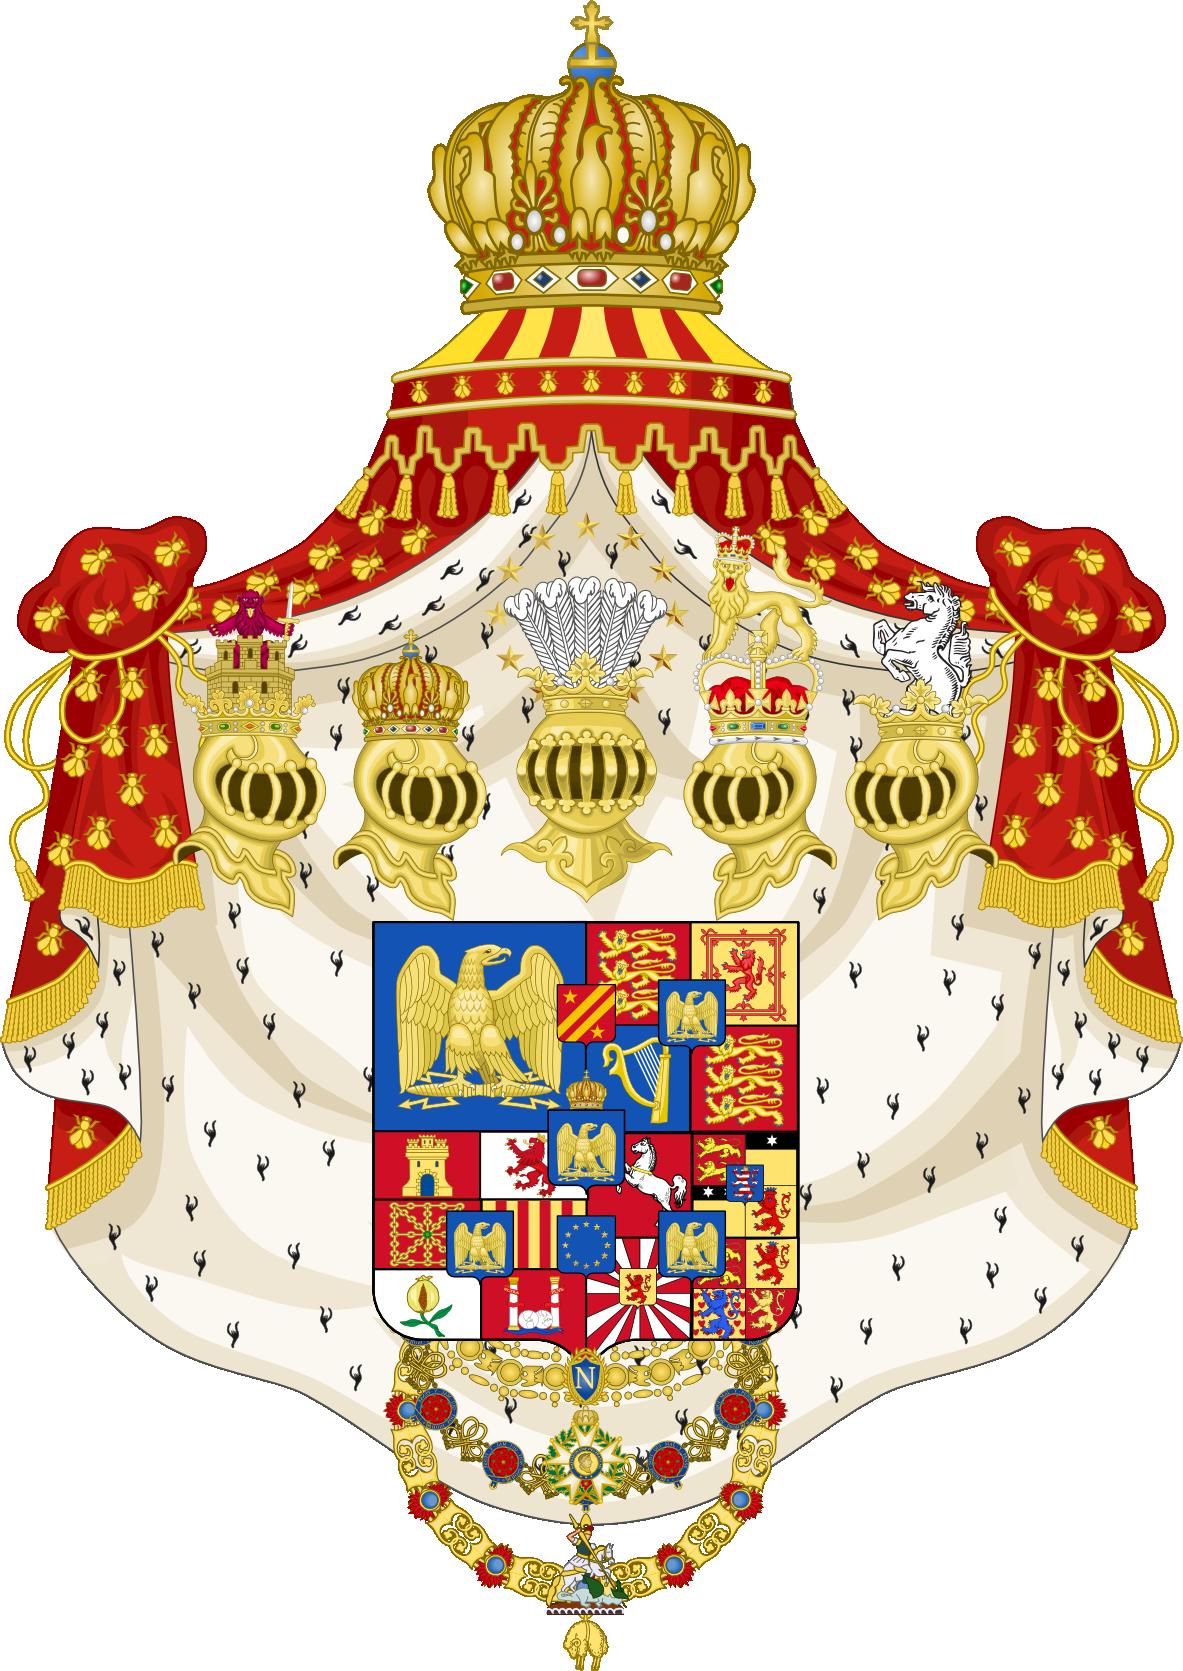 Σύμβολα καὶ οἰκόσημα...80 Βοναπάρτης Ναπολέων